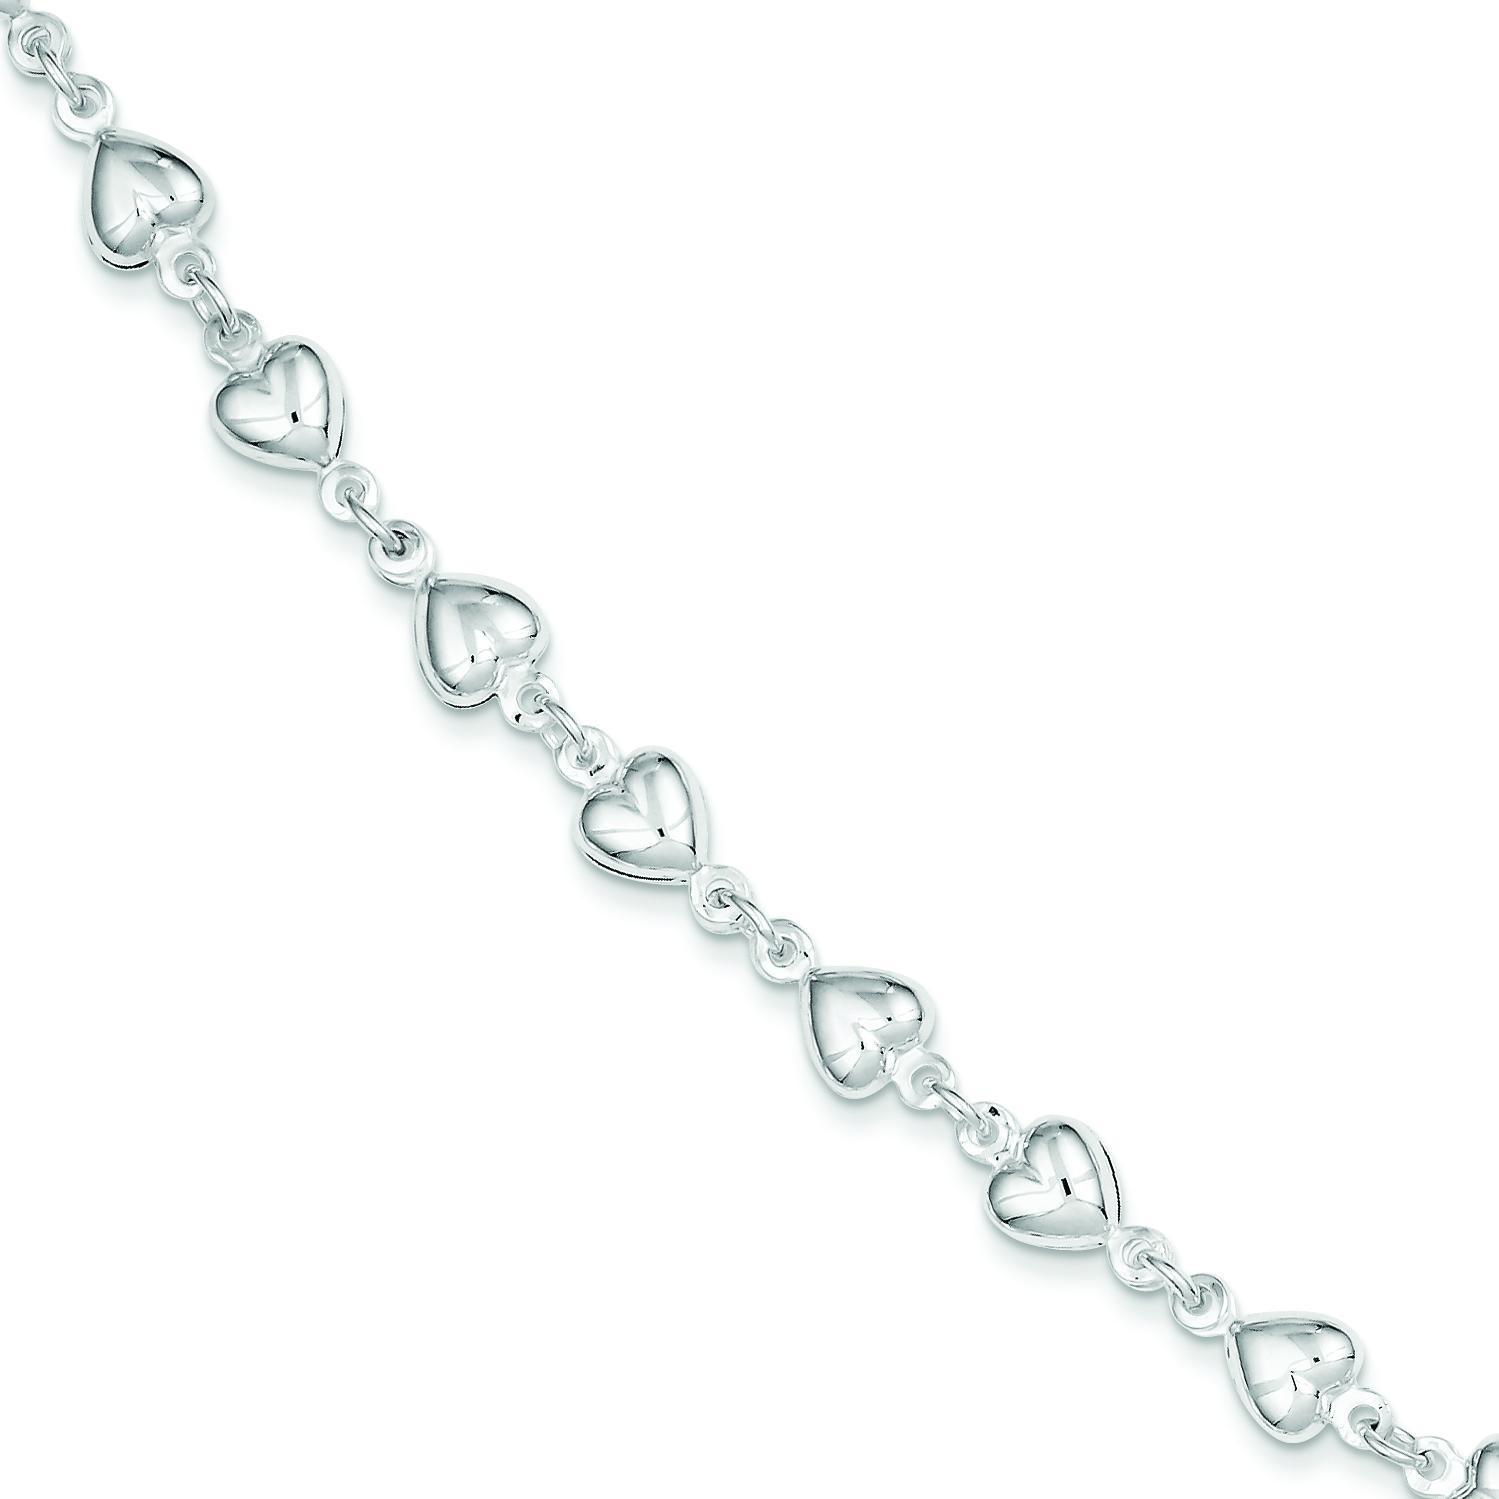 Heart Bracelet in Sterling Silver